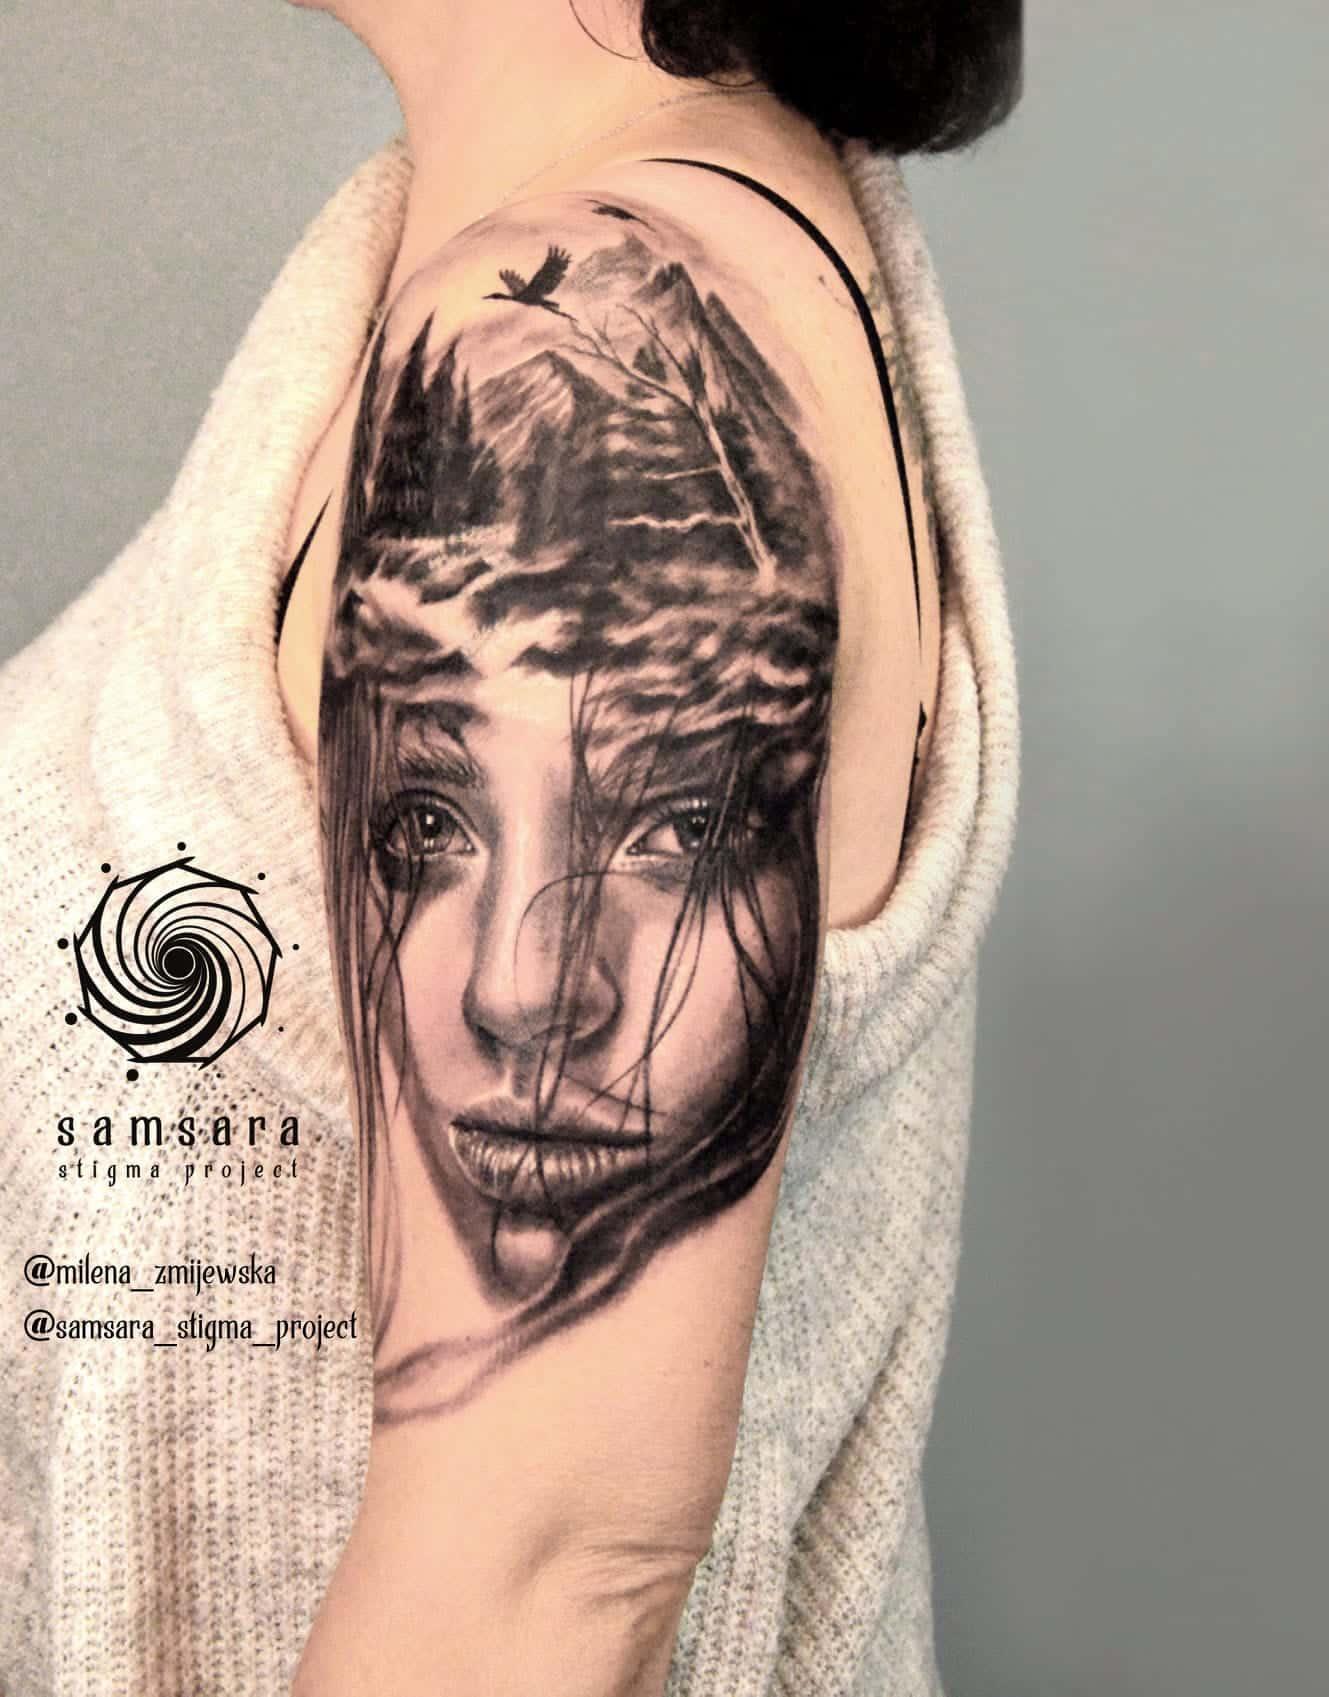 milena-zmijewska-tattoo-artist-woman-river-shoulder